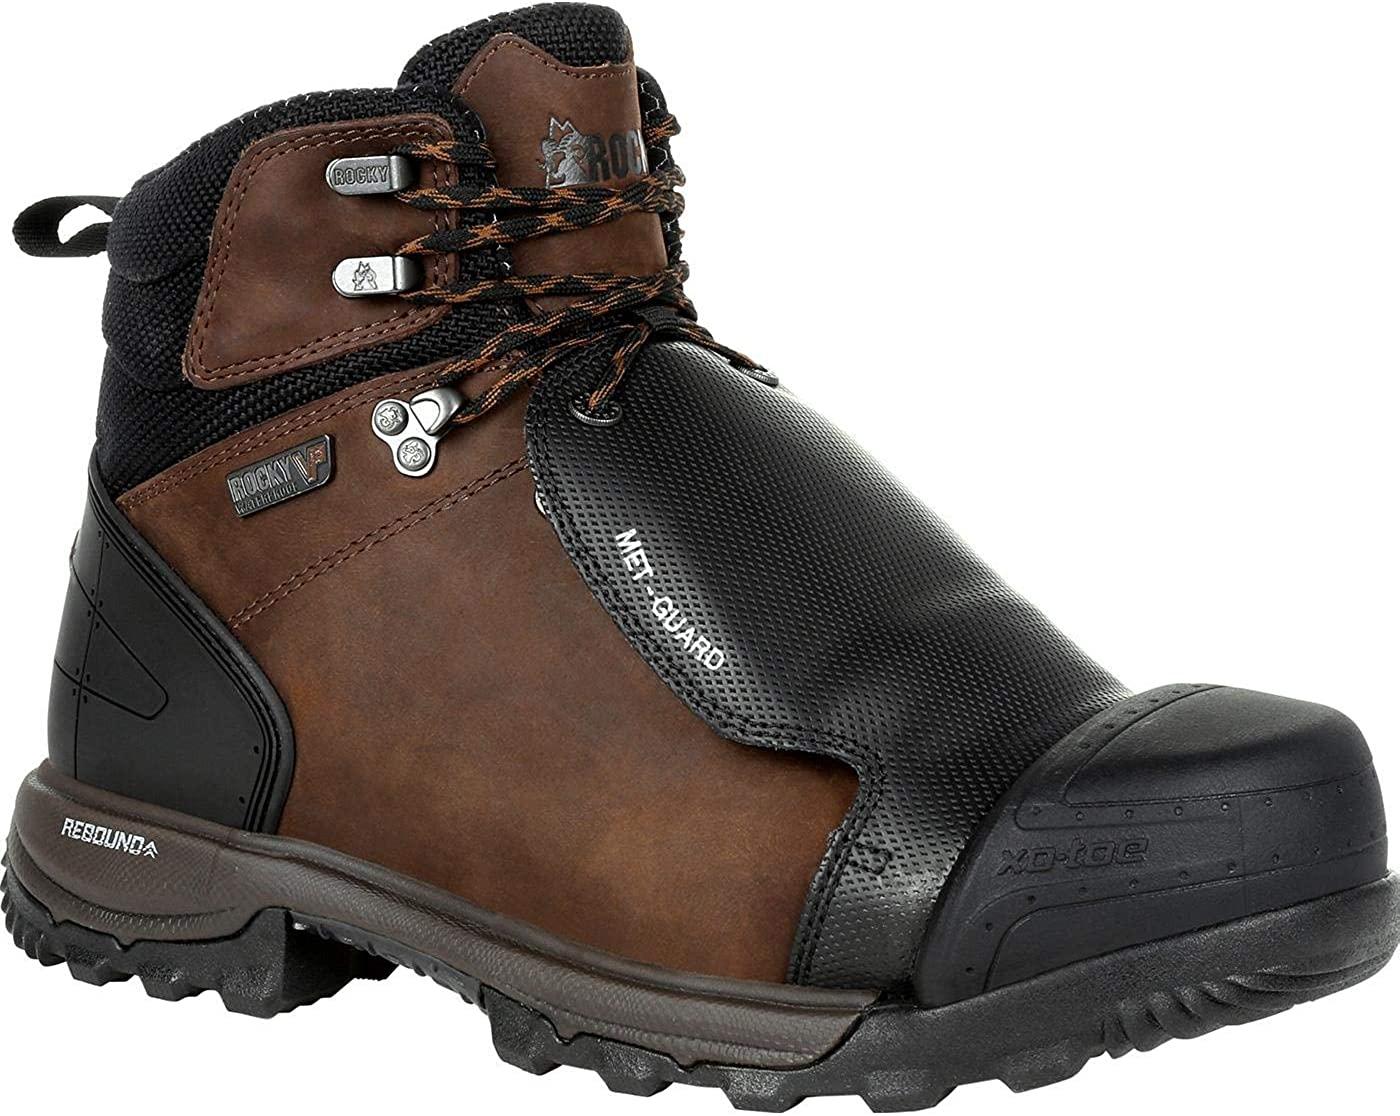 Rocky XO-Toe Composite Toe Met Guard Waterproof Work Boot